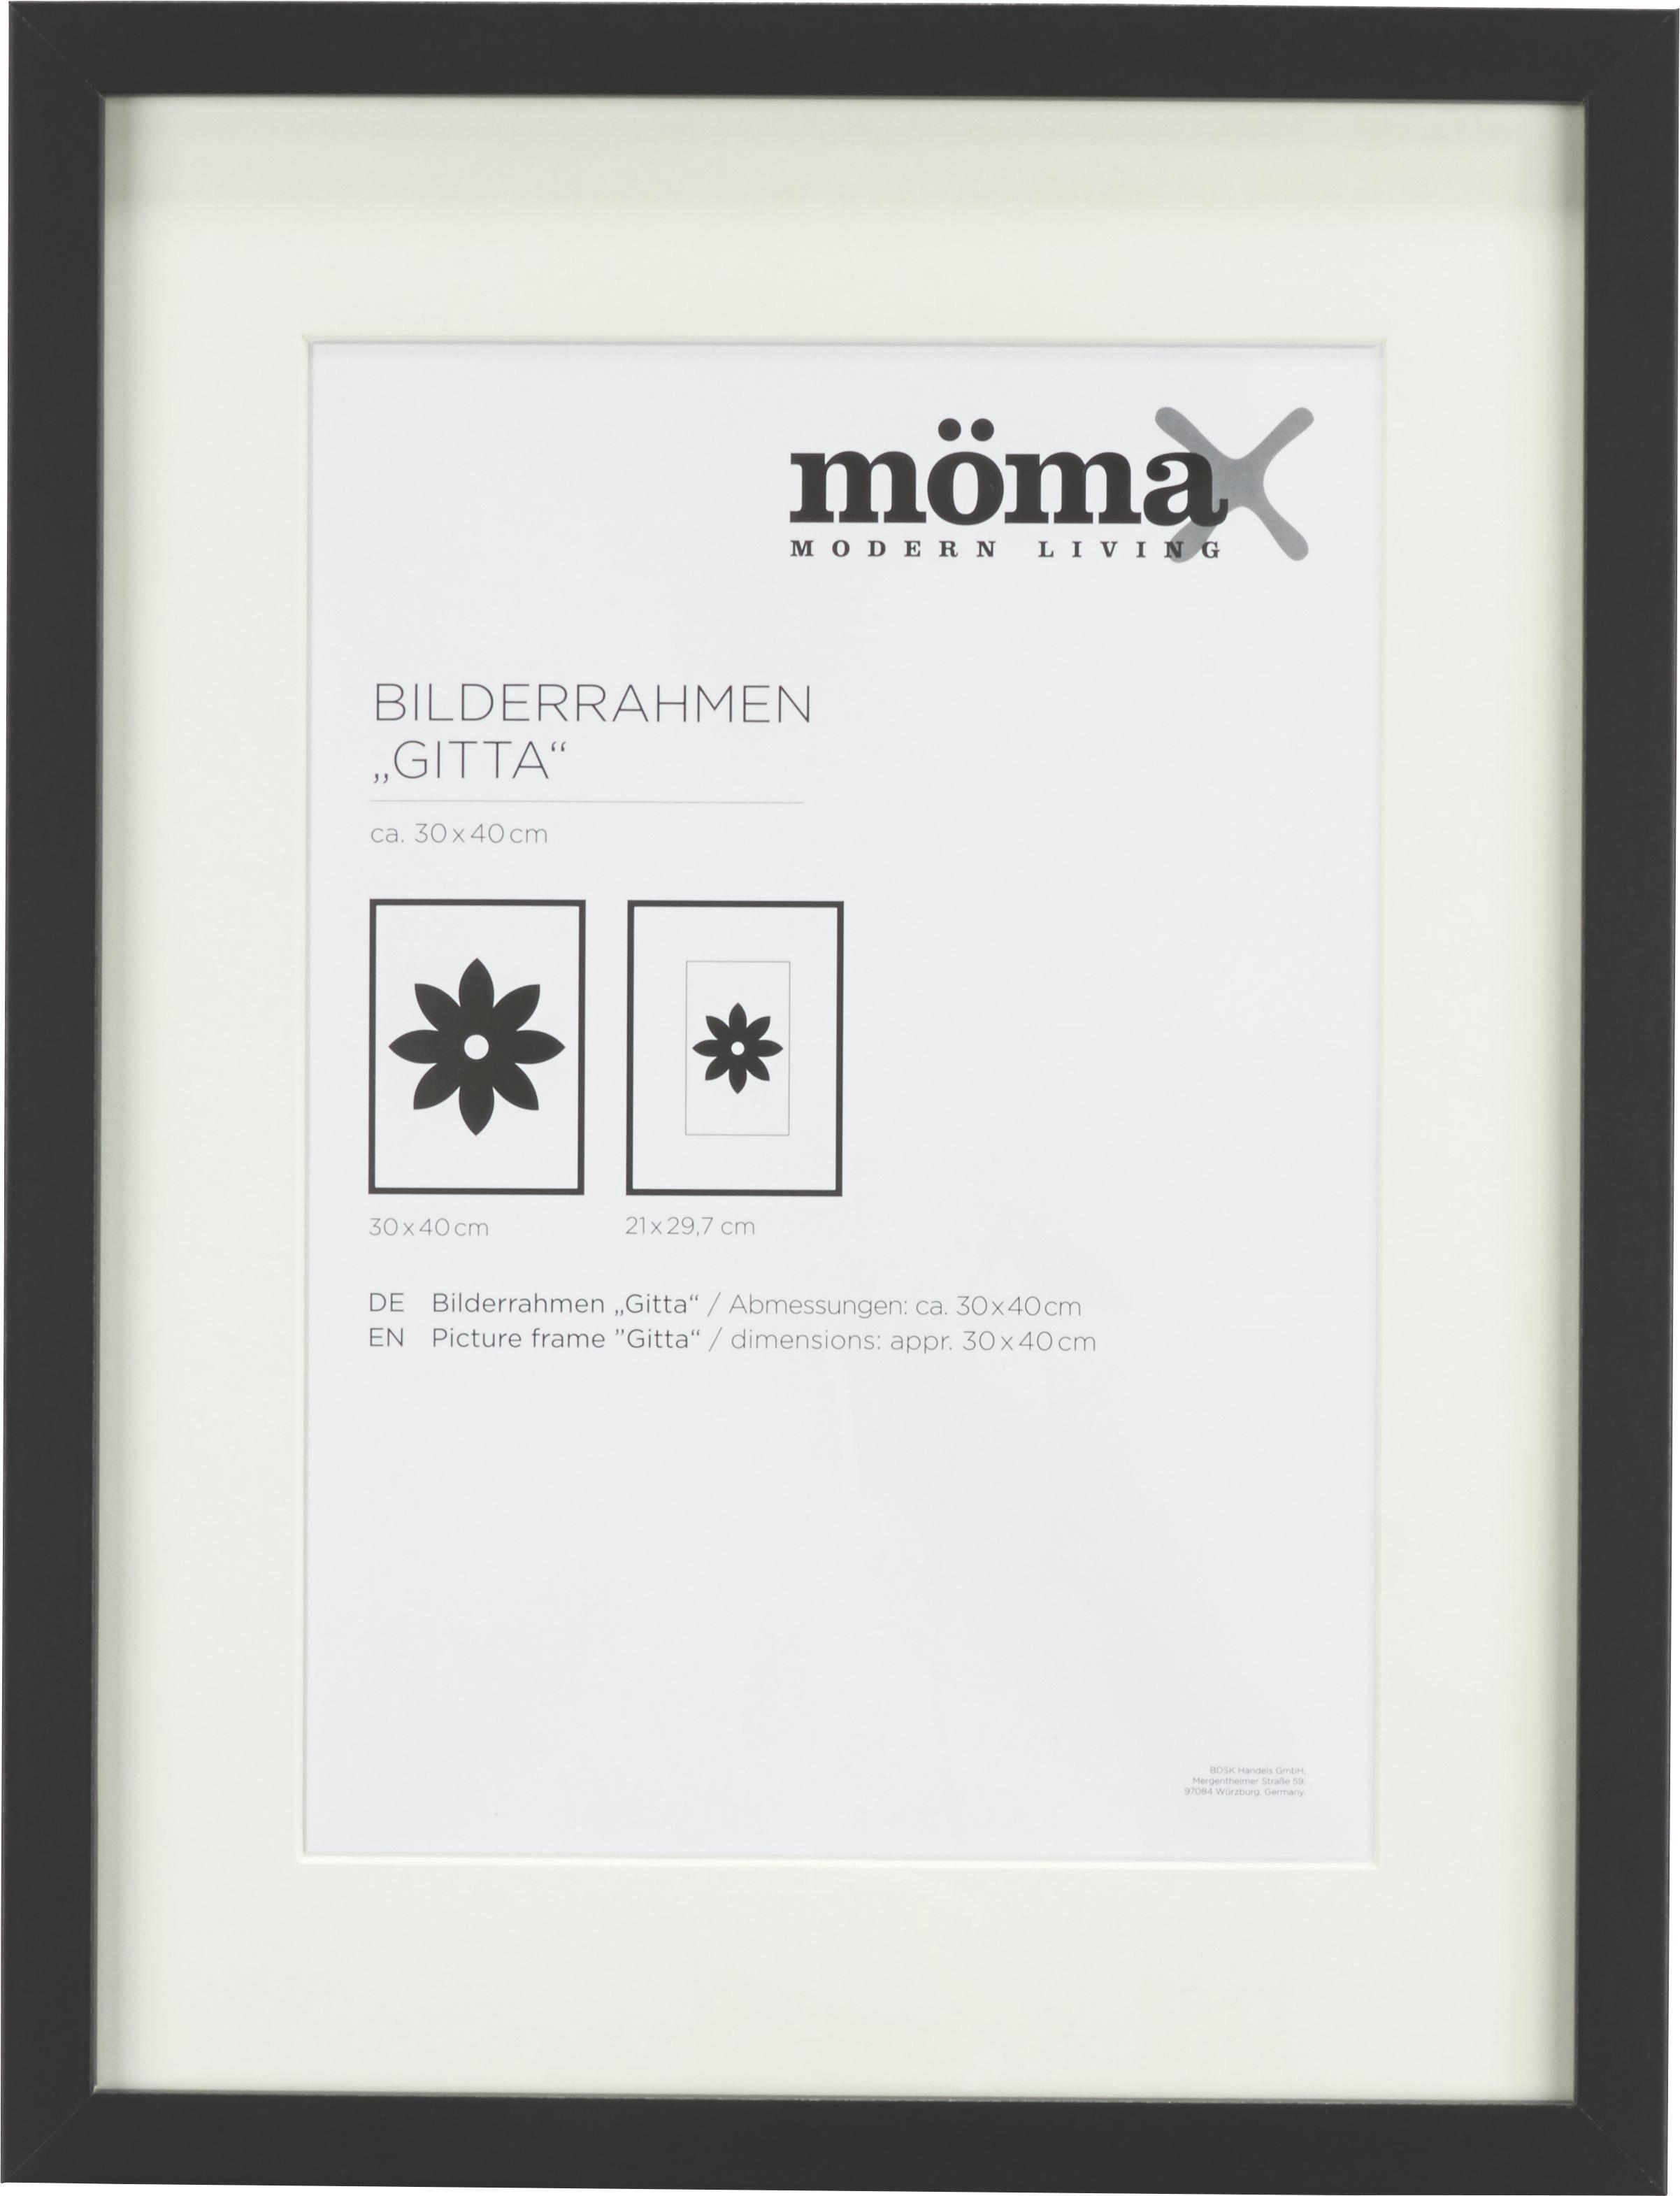 Bilderrahmen Gitta, ca. 30x40cm in Schwarz online kaufen ➤ mömax